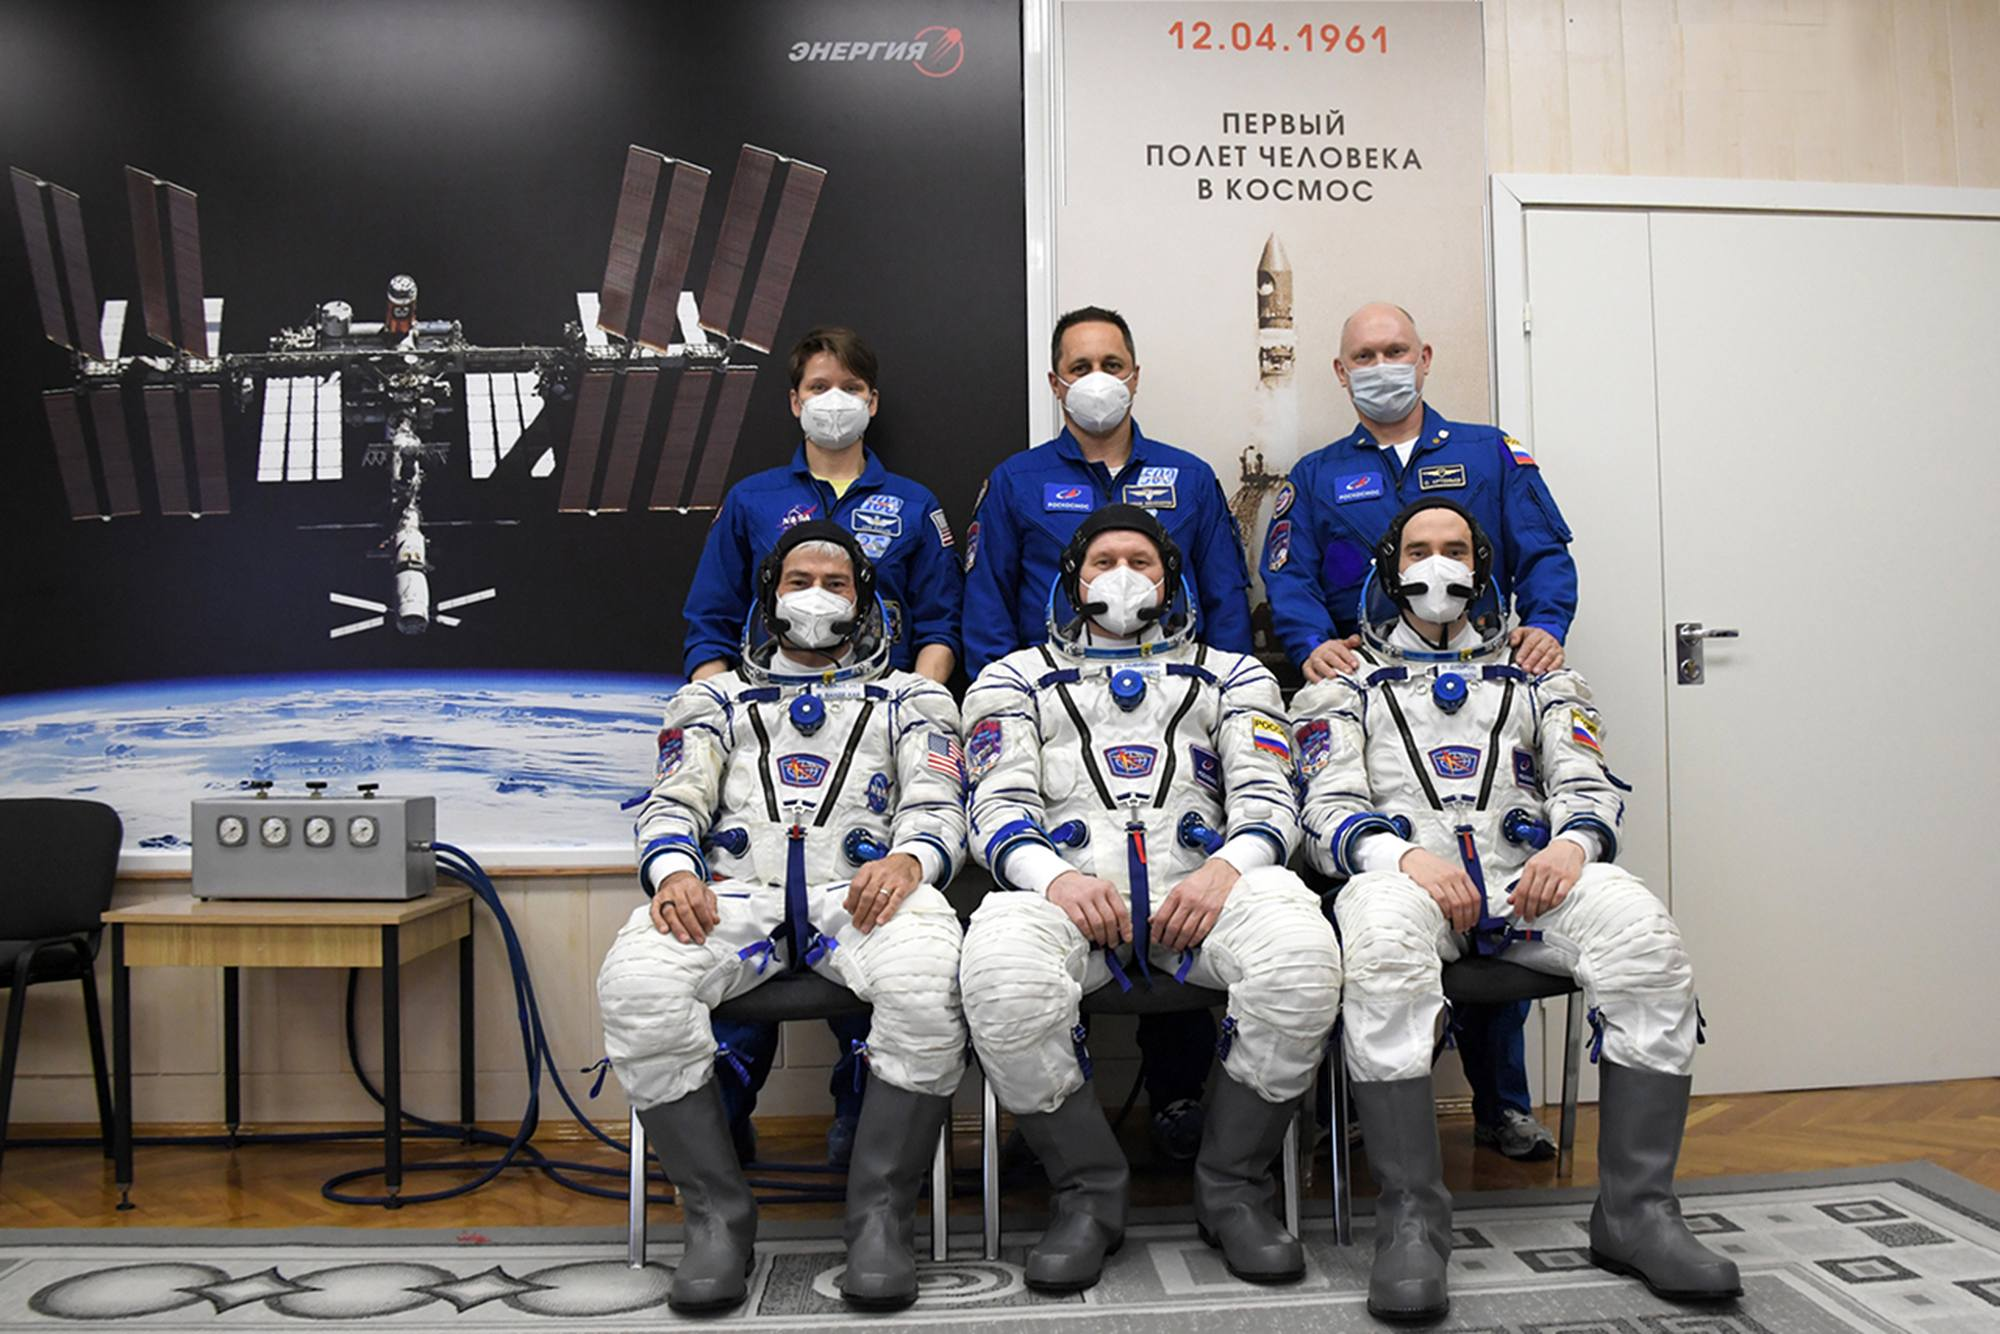 Les deux équipages posant devant l'affiche du lancement du premier cosmonaute de l'histoire de l'humanité.